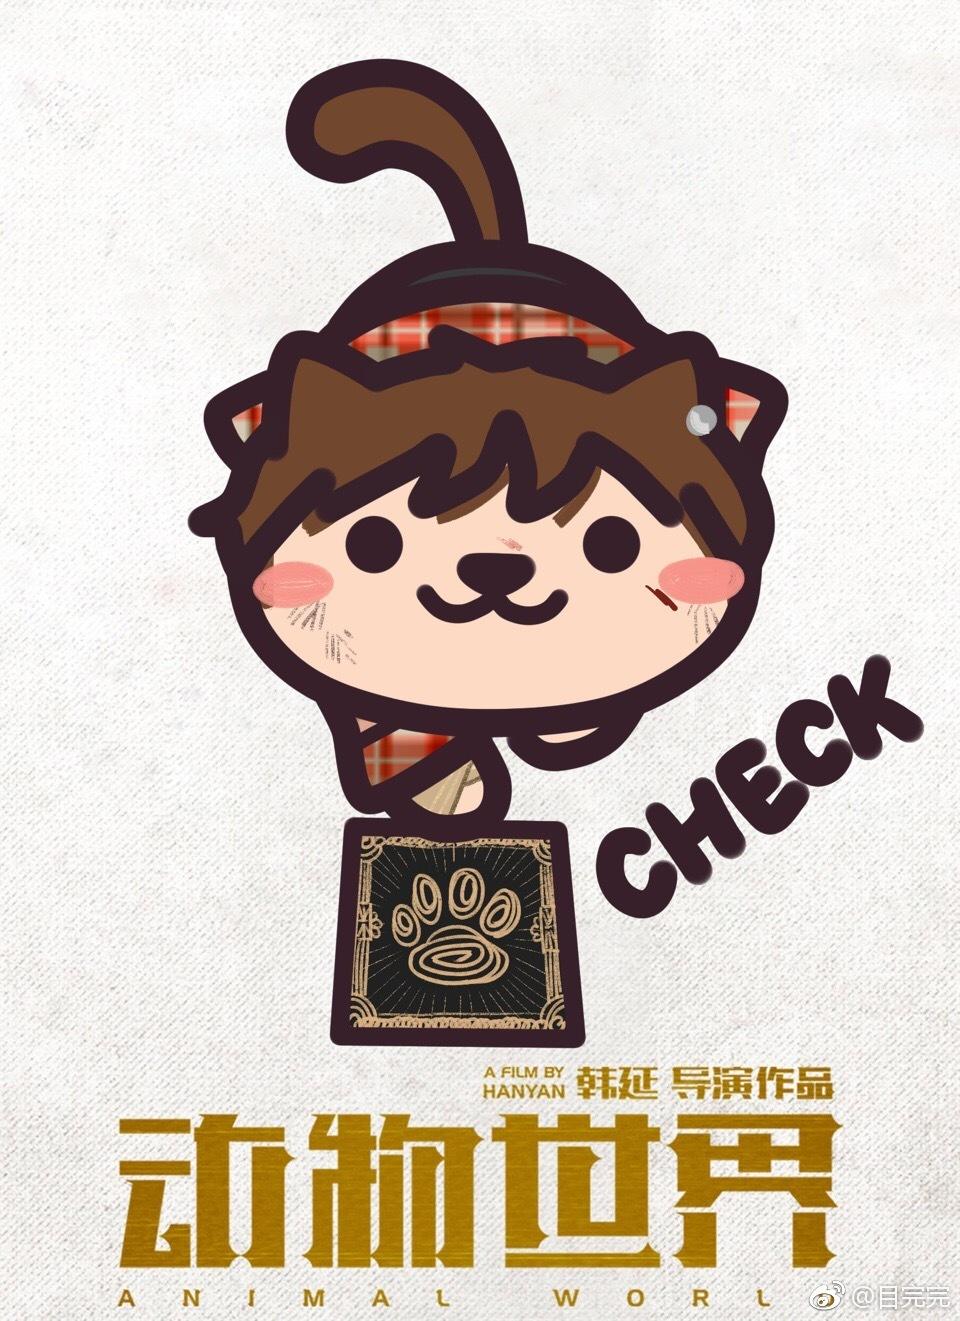 """[李易峰][分享]180703 开司猫来了!粉丝制《动物世界》""""猫咪""""版海报"""